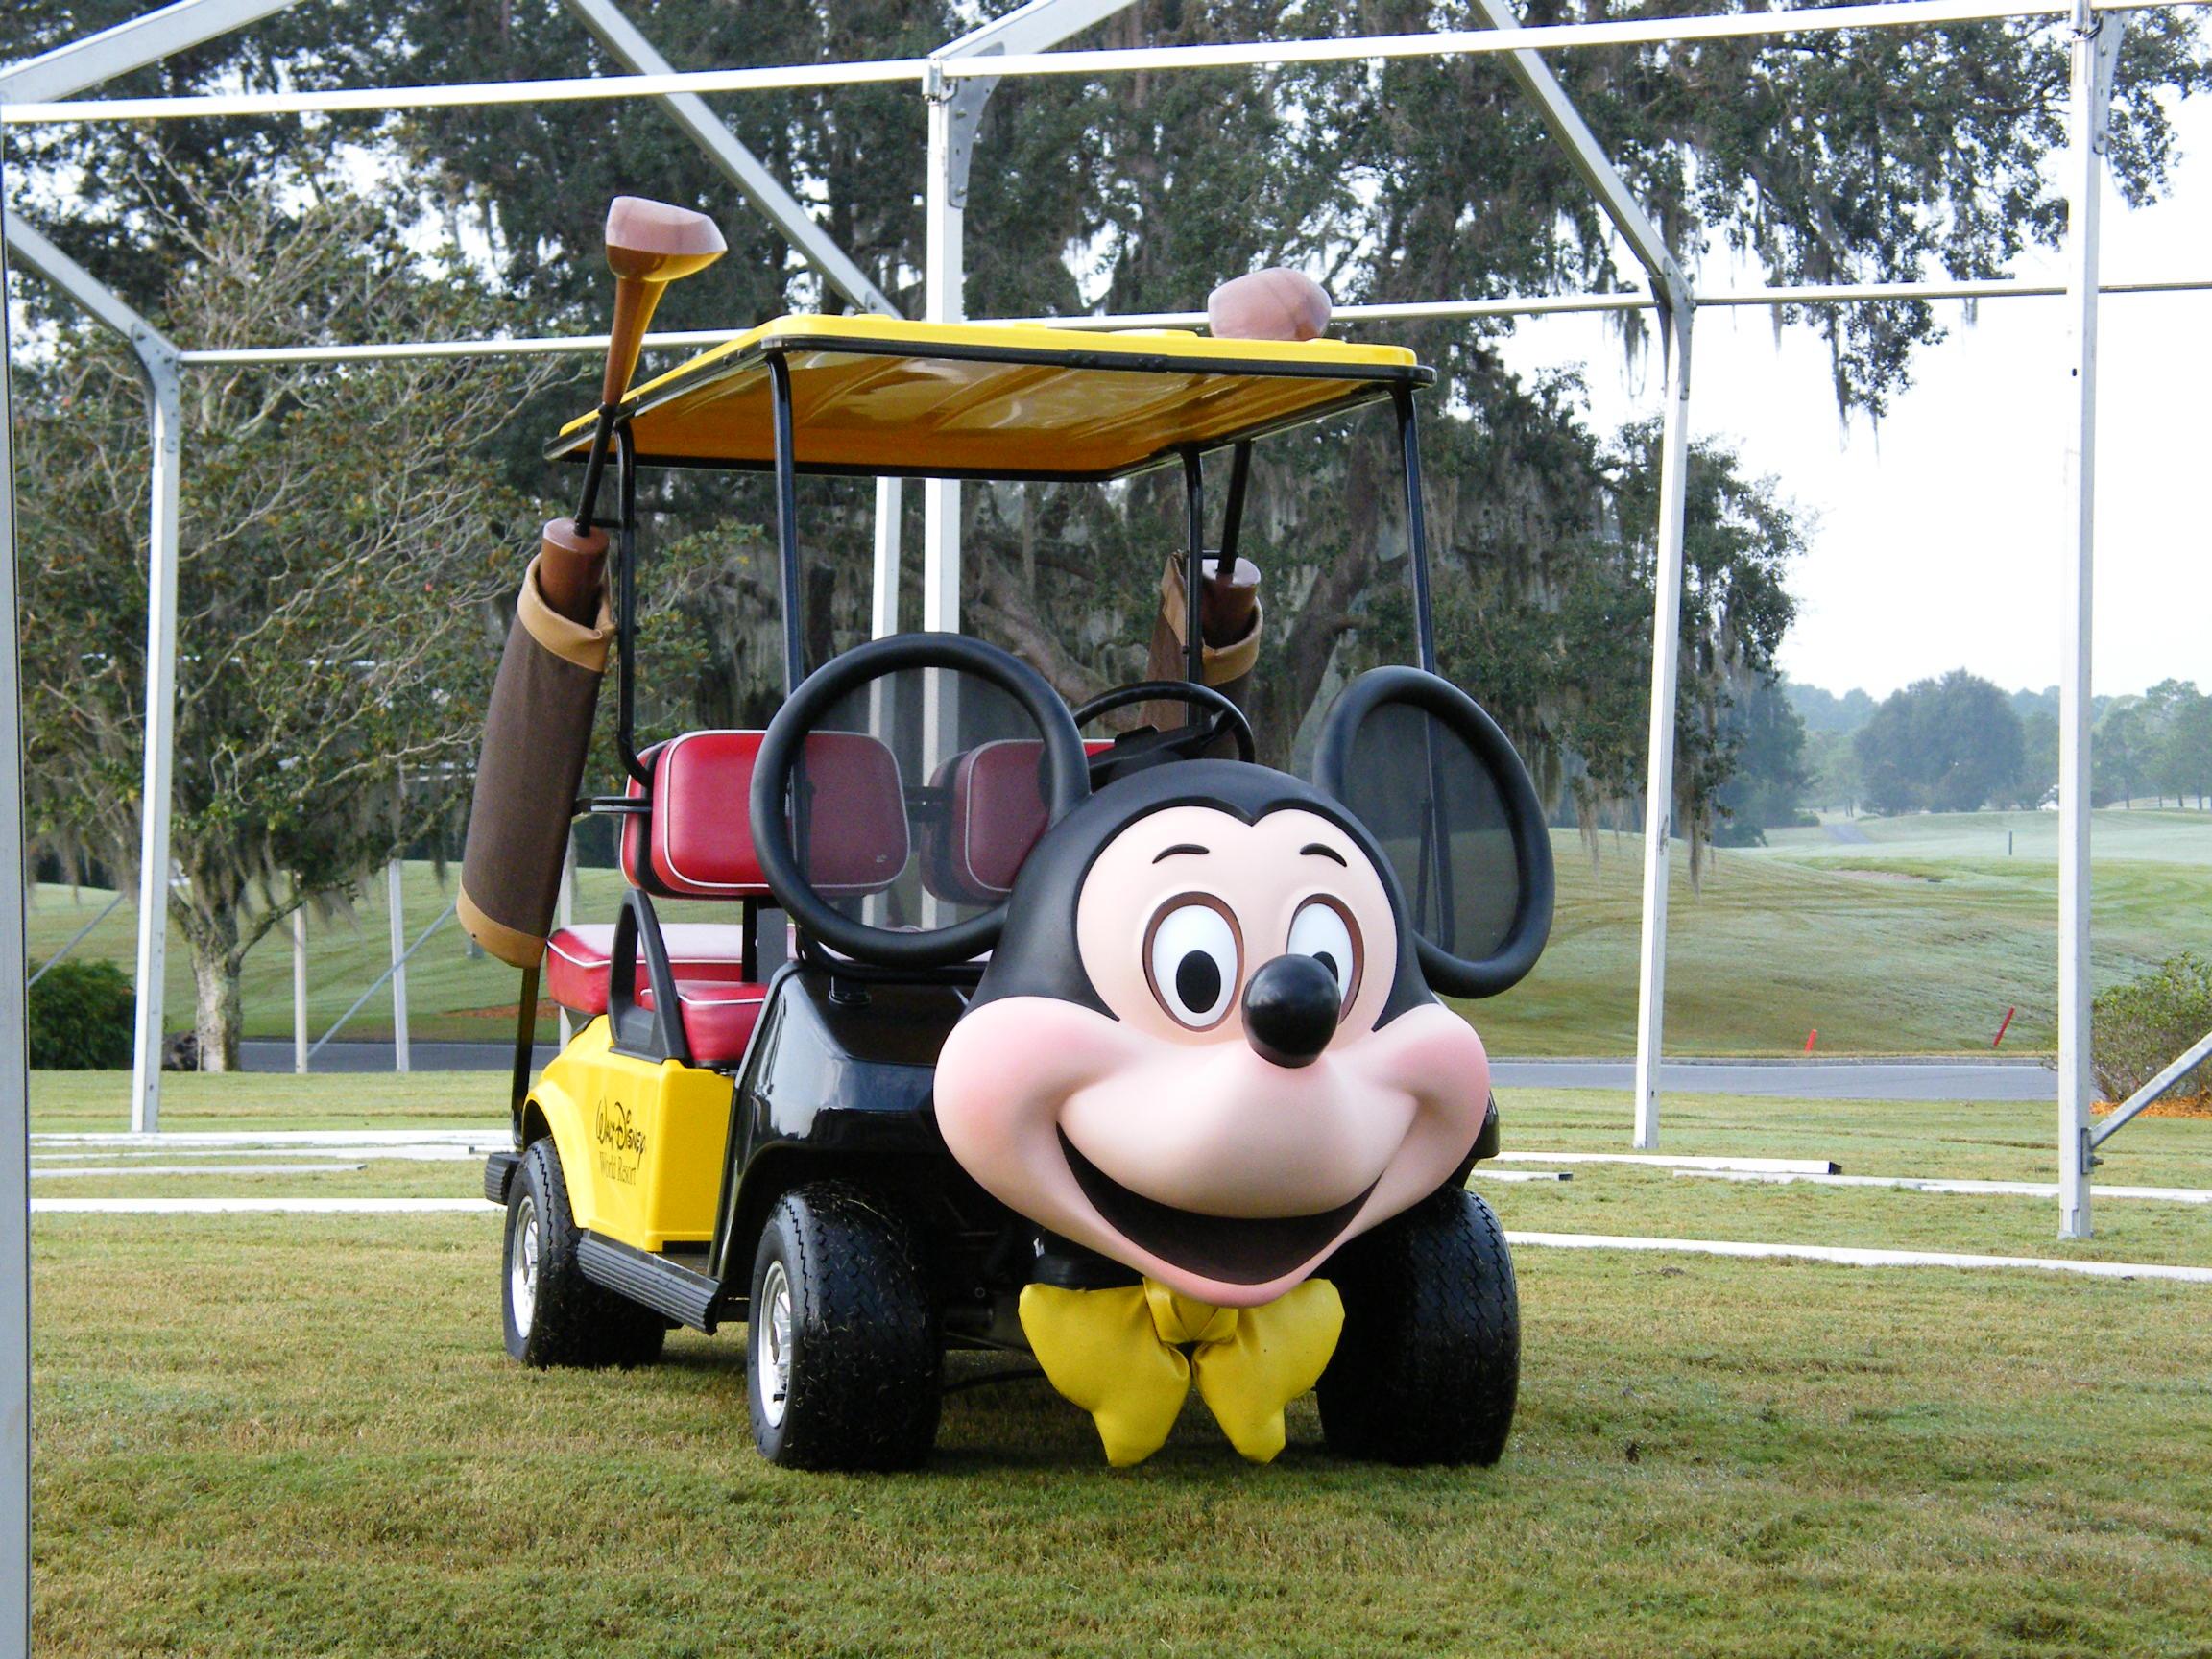 【番外】海外にもあった!?ミッキーカートに乗れるゴルフ場